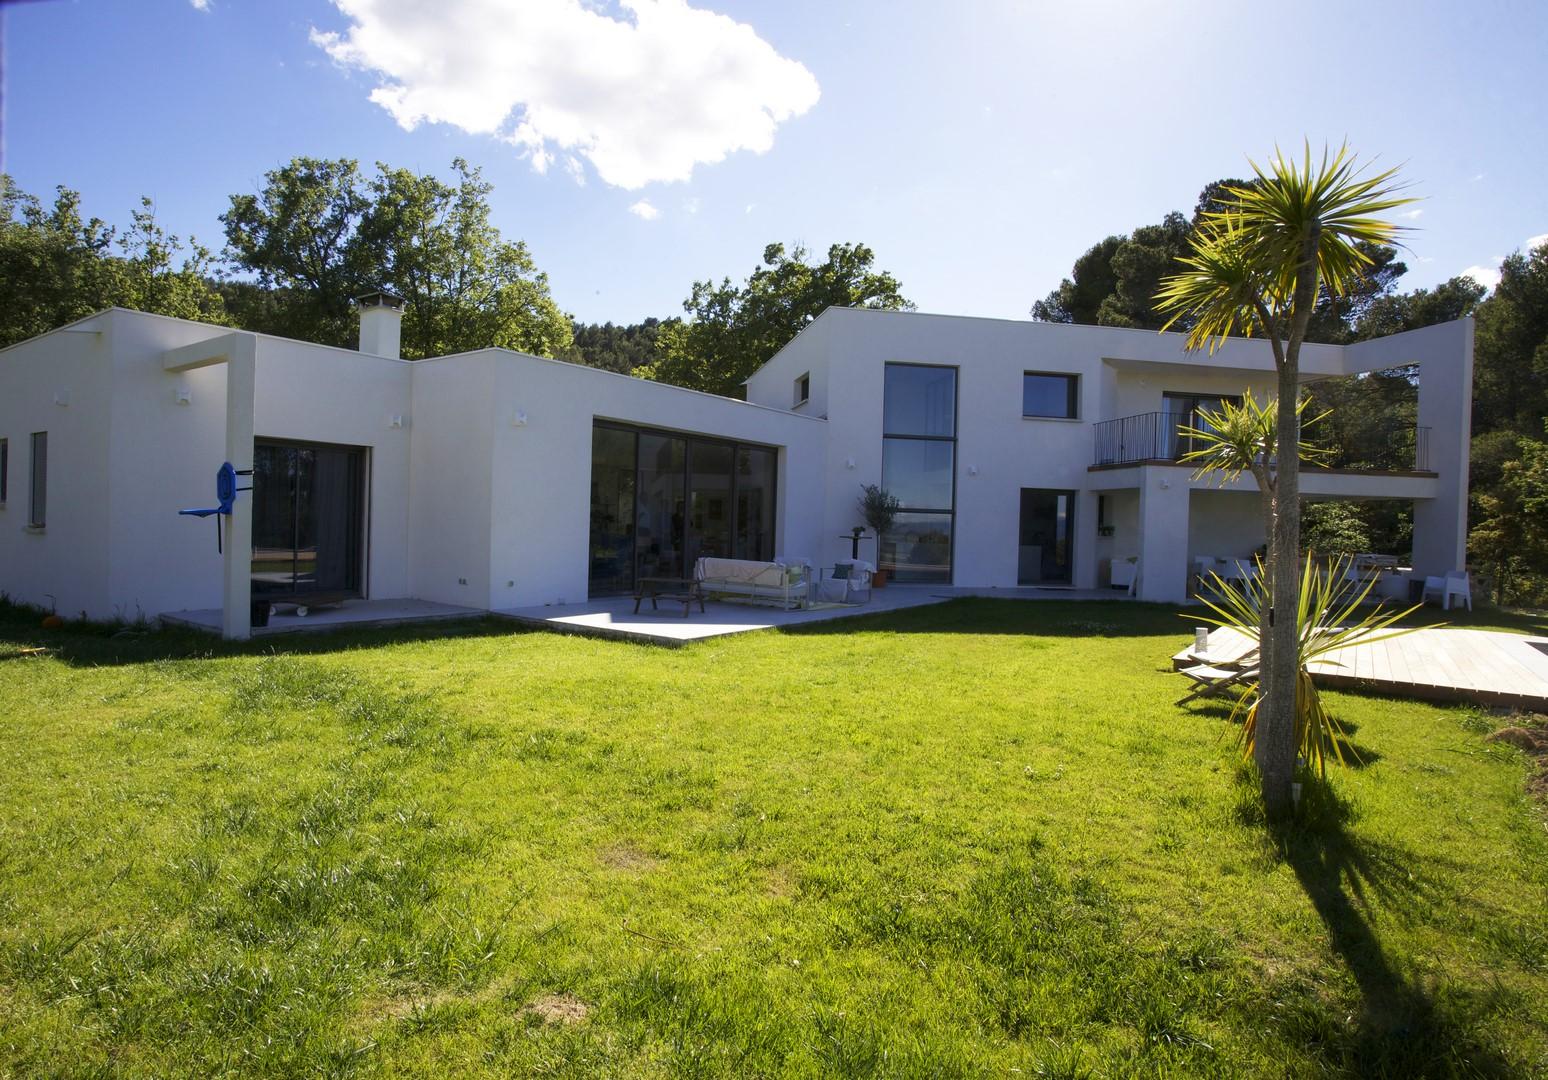 Auvent moderne pour villa individuelle maison moderne for Auvent maison moderne